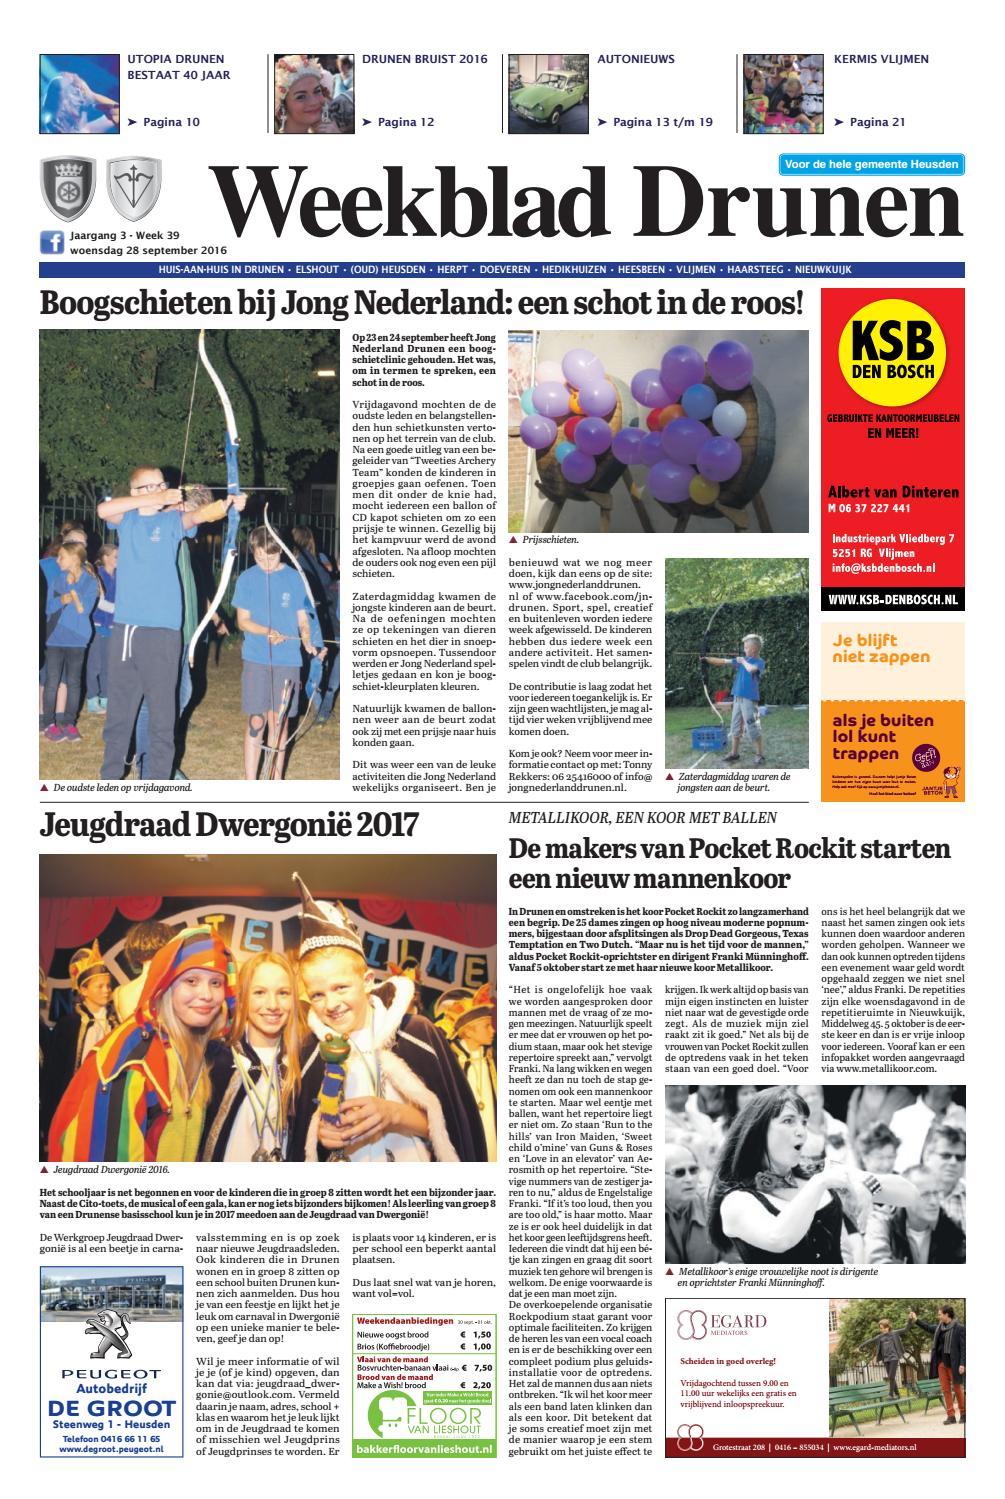 2e Hands Kantoormeubelen Nijkerk.Weekblad Drunen 28 09 2016 By Uitgeverij Em De Jong Issuu